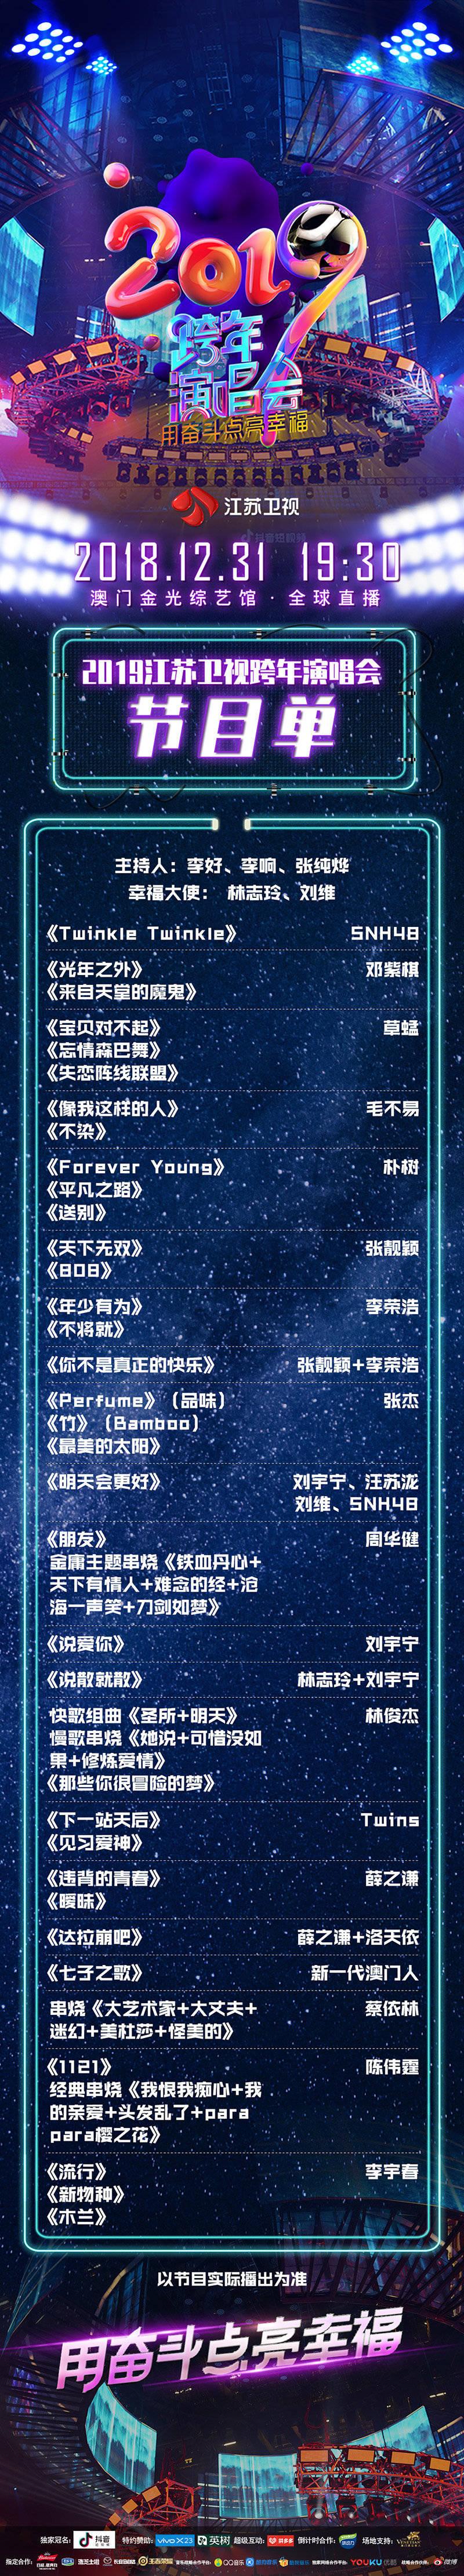 181231 江苏卫视跨年节目单公开 薛之谦突破次元壁跨界合作嗨翻跨年夜